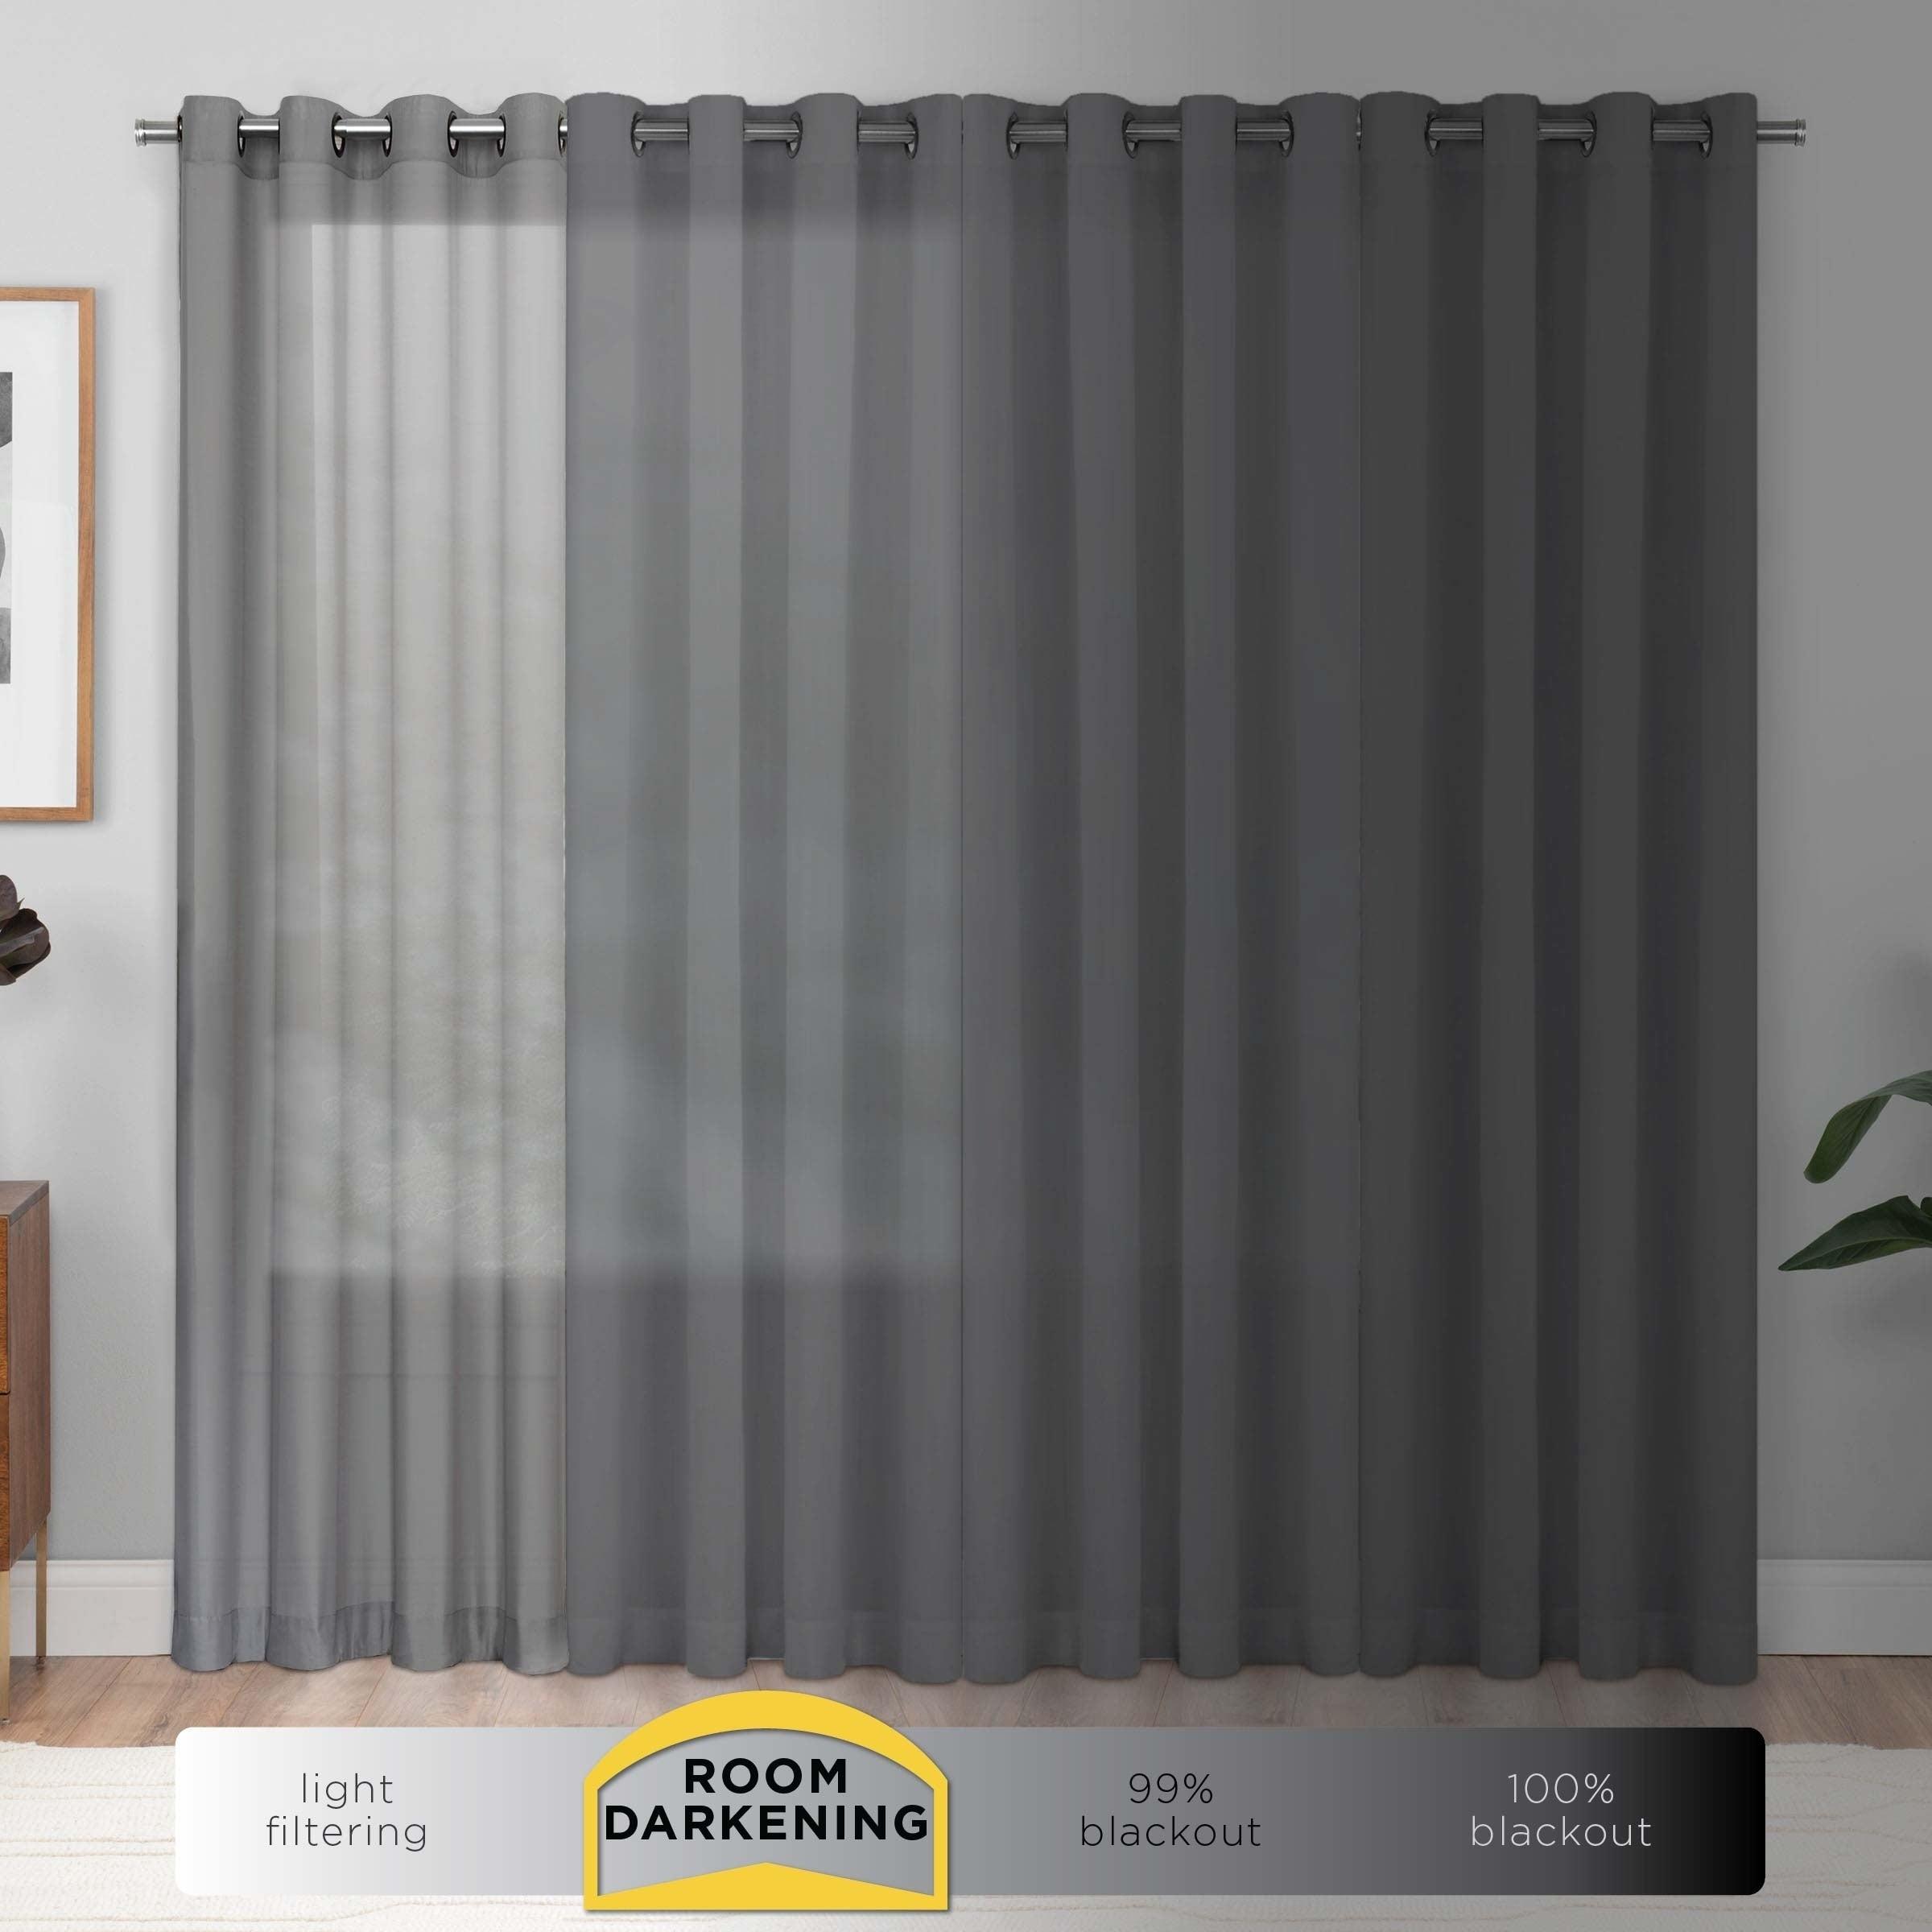 Black Room Darkening Curtains.Eclipse Wavy Chevron Room Darkening Curtain Panel